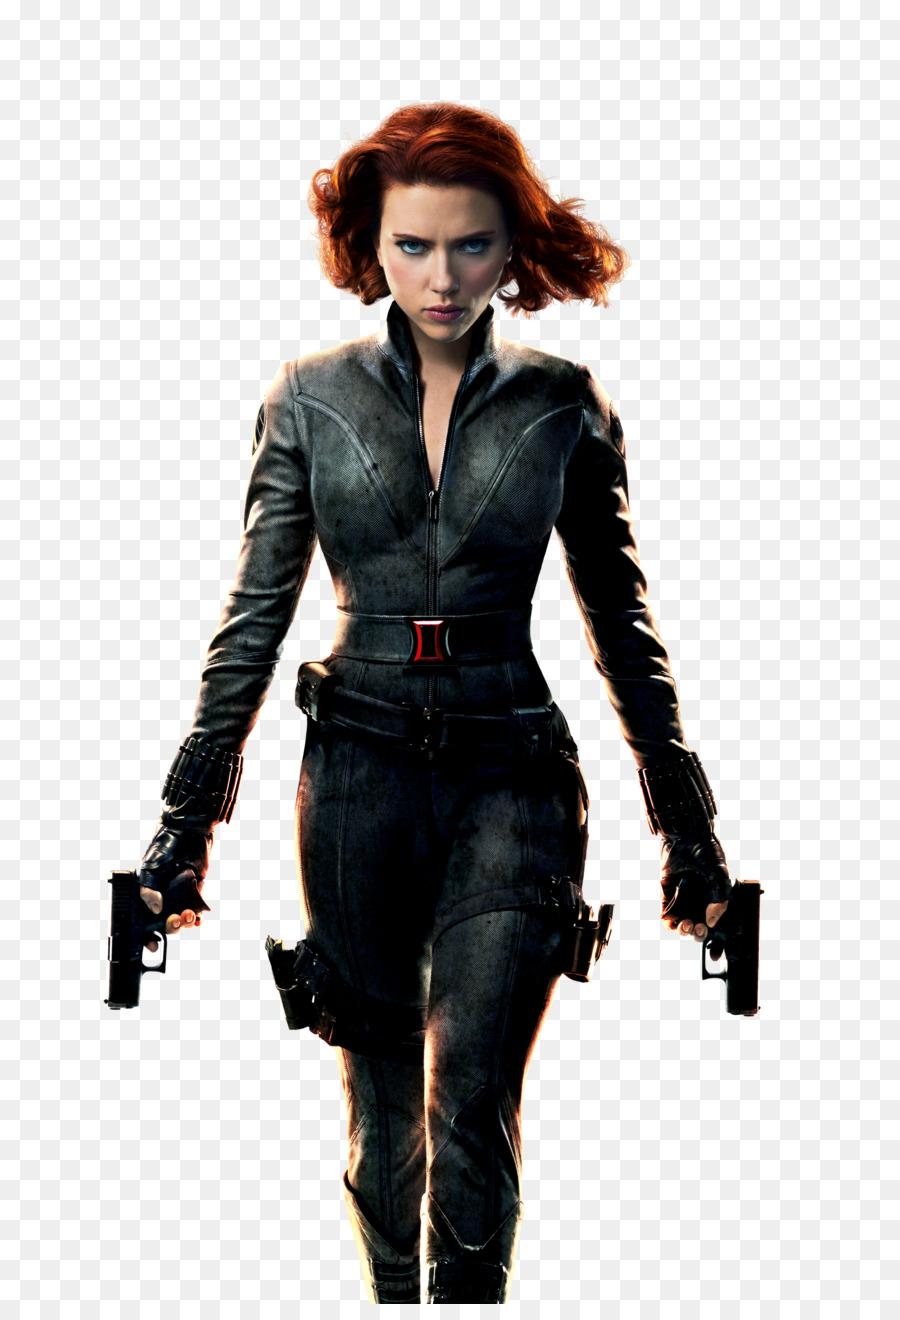 Черная Вдова, Капитан Америка, Железный Человек, Скарлетт ... скарлетт йоханссон черная вдова